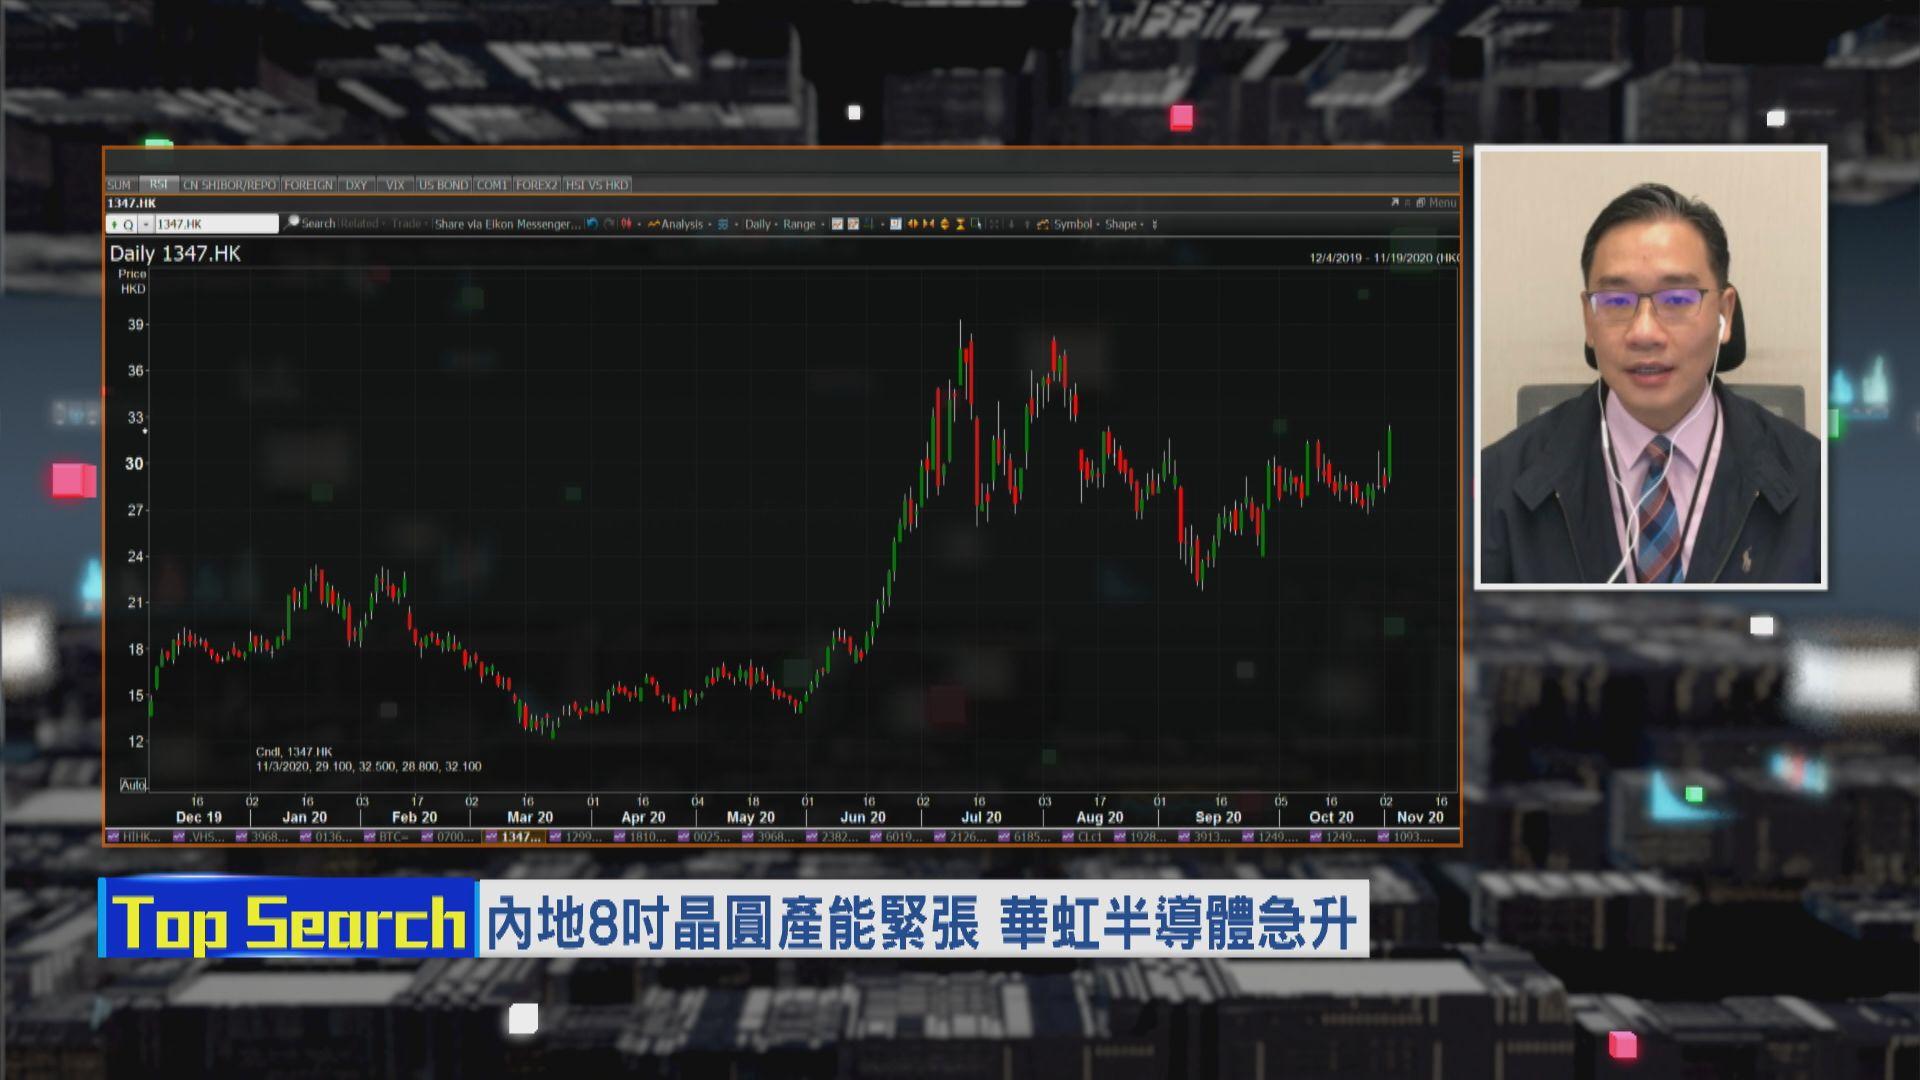 【財經TOP SEARCH】華虹、舜宇炒上 原因喺拜登?